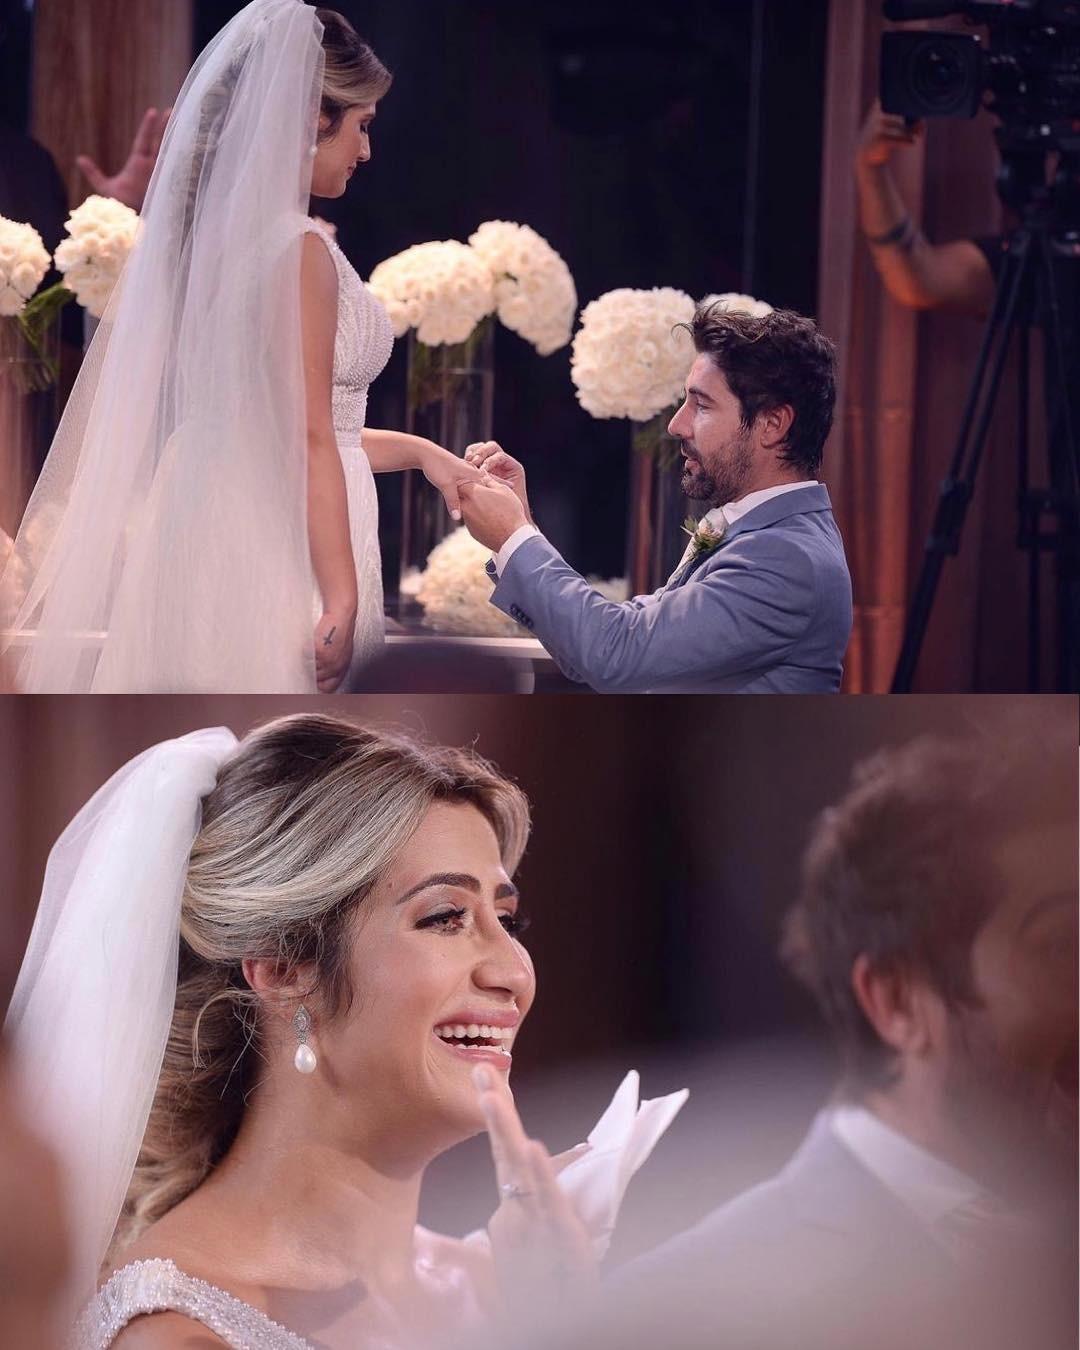 Sandro Pedroso e Jessica Beatriz Costa (Foto: Reprodução / Instagram)